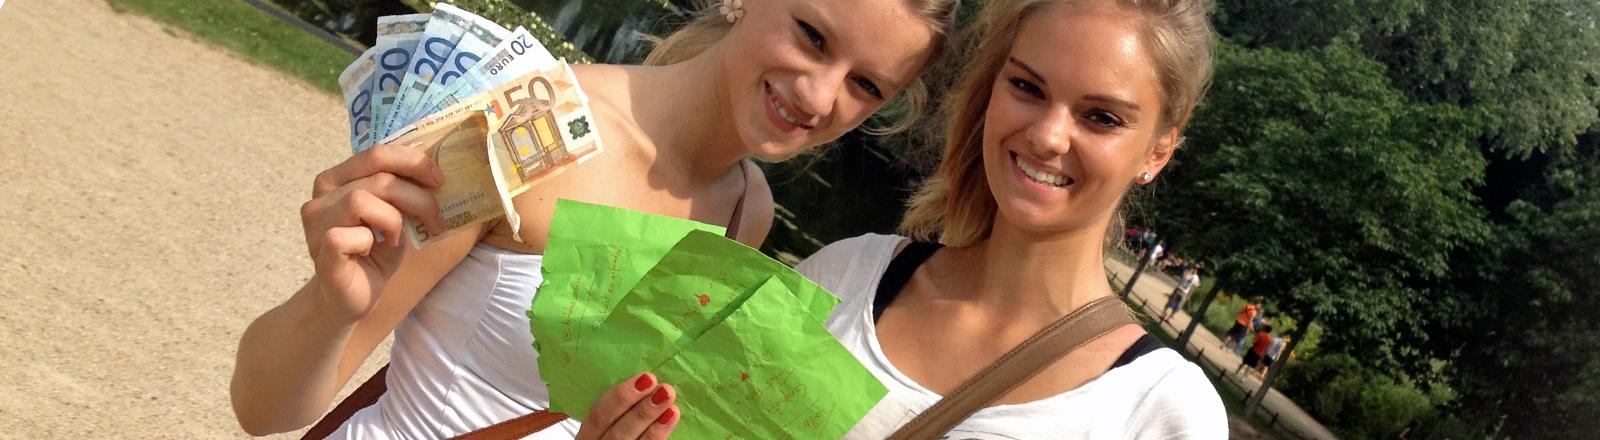 Die Schwestern Julia (25) und Annika (20) sind Glückspilze: Drei Umschläge mit 200 Euro haben die beiden erbeutet Weil Julia morgen Geburtstag hat, wollen sie ihre ganze Family zum Essen einladen.